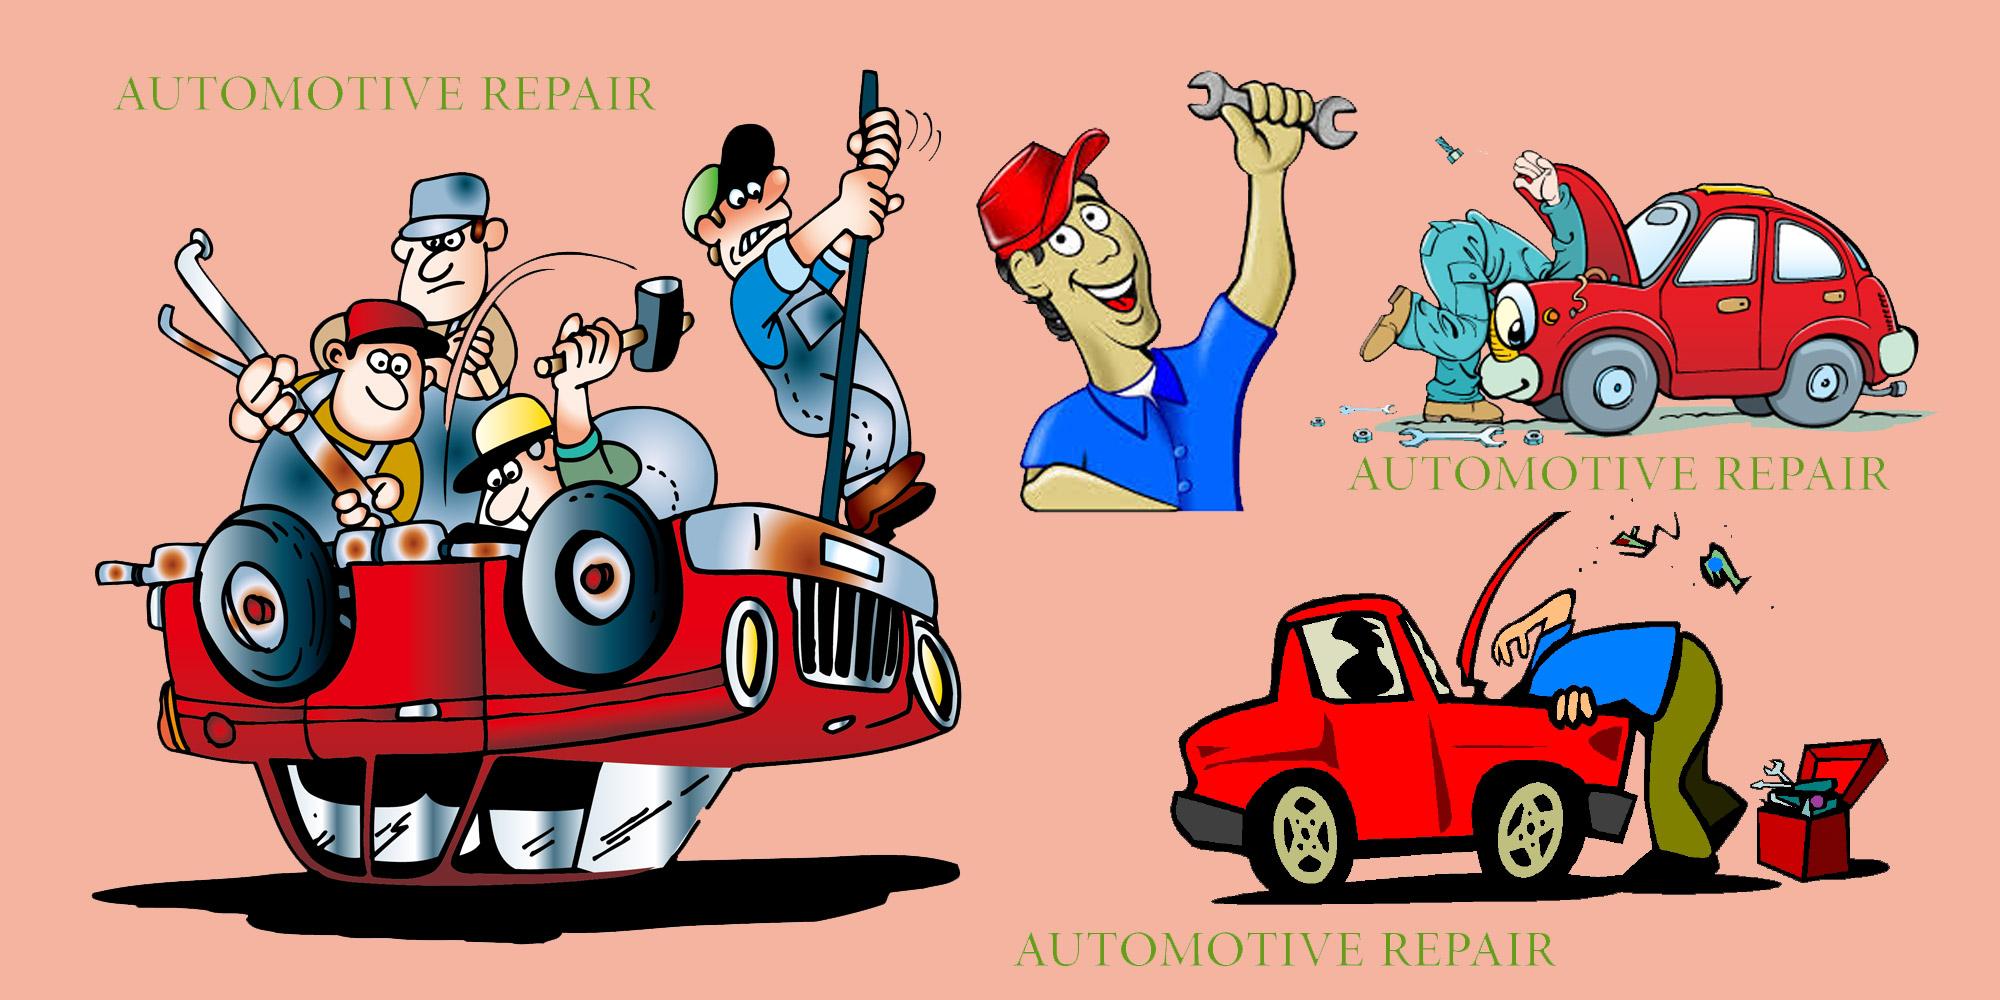 قسمت هایی از خودرو که نباید خودتان تعمیرشان کنید.